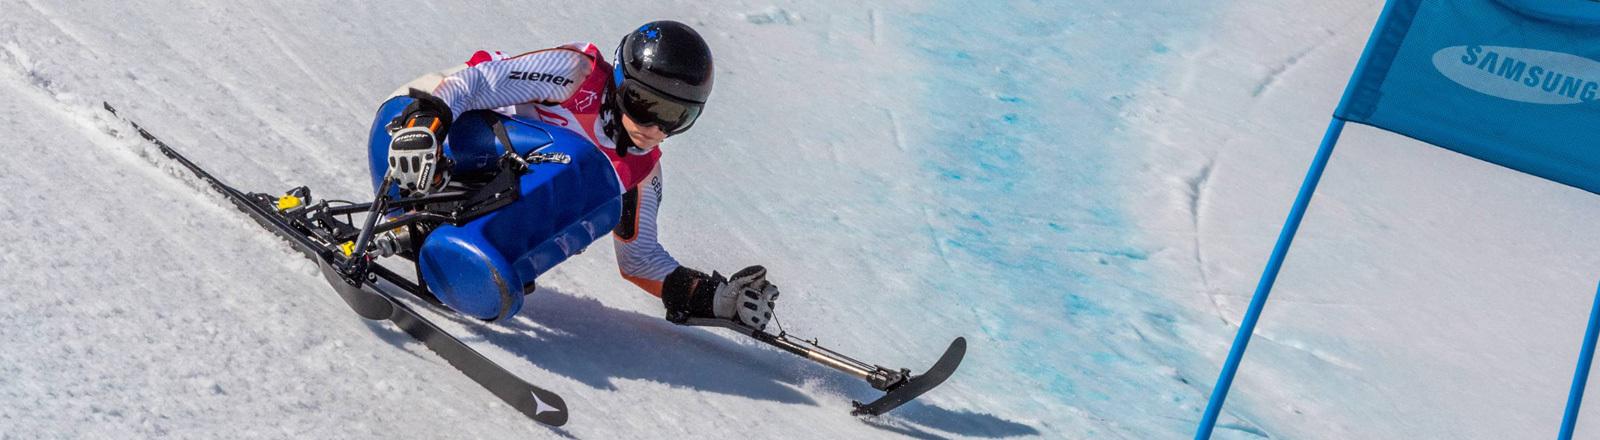 Anna Schaffelhuber bei einem Wettbewerb auf dem Monoskibob bei den Paralympics (13.03.18)